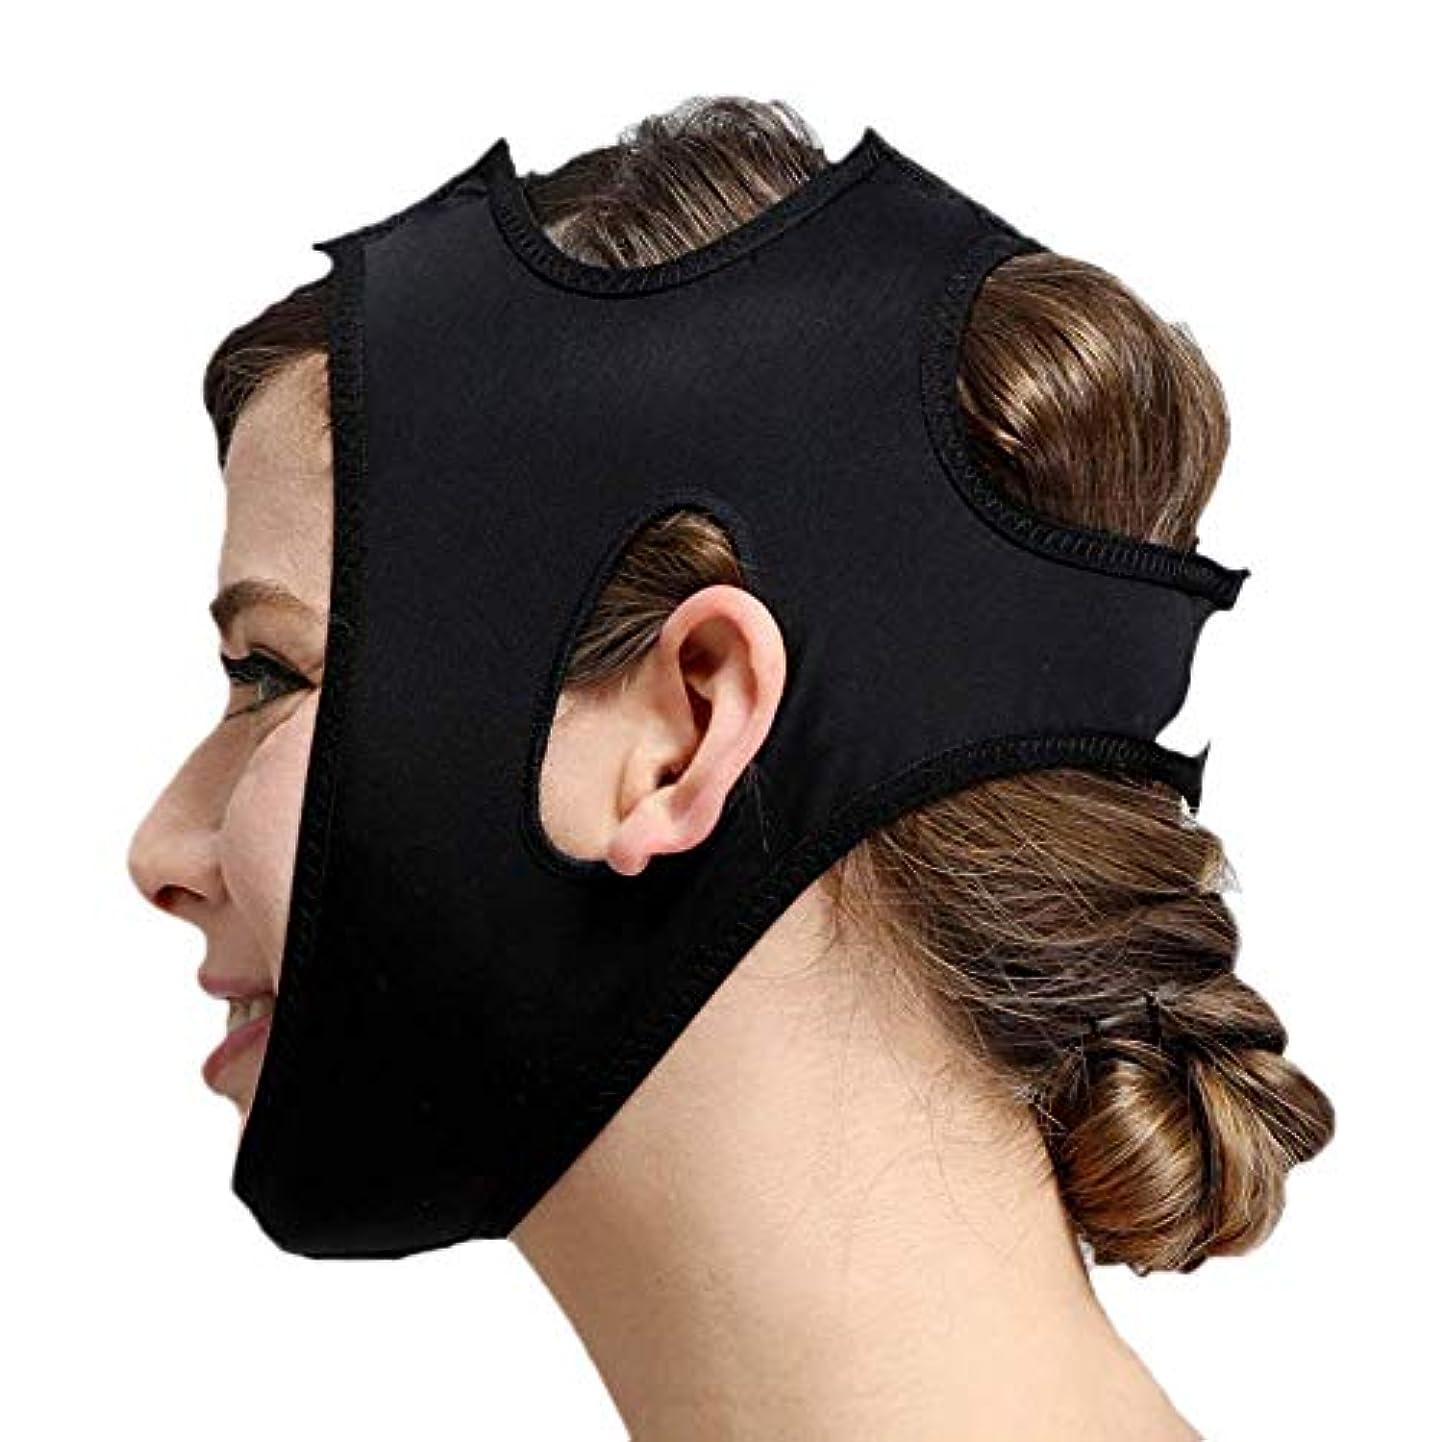 百科事典ネスト辞書フェイススリミングマスク、快適さと通気性、フェイシャルリフティング、輪郭の改善された硬さ、ファーミングとリフティングフェイス(カラー:ブラック、サイズ:XL),黒、L